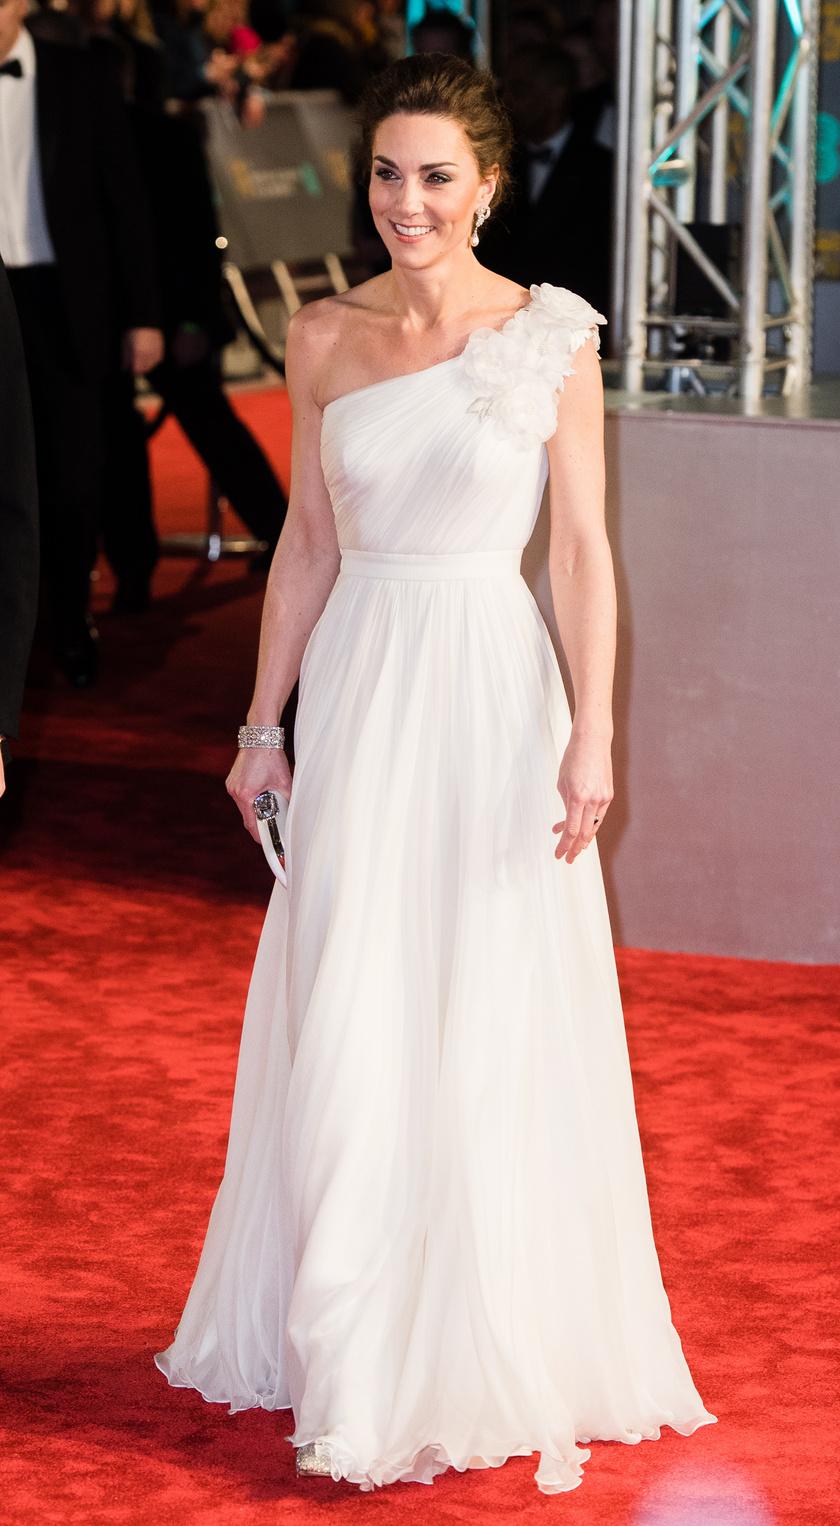 Idei legszebb ruháját a BAFTA-gálán viselte februárban, a Royal Albert Hallban. Hát nem olyan szép, mint egy menyasszony?